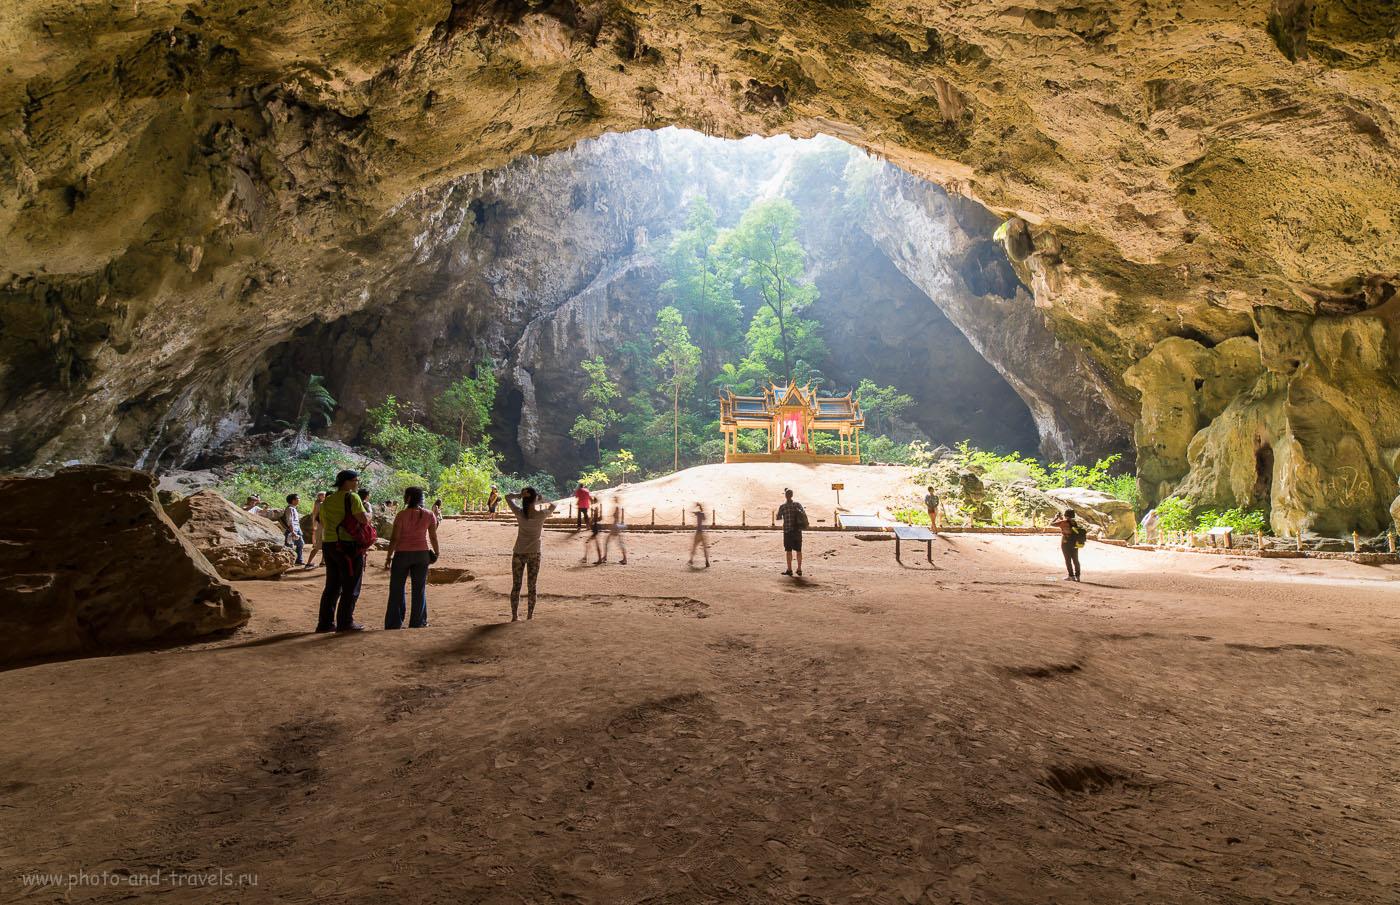 Снимок 15. Широкоугольный объектив Samyang 14/2.8 позволяет захватить в кадр огромное пространство. Отчет о самостоятельной экскурсии в пещеру Прайя Накхон (Phraya Nakhon cave) в окрестностях Хуахина.